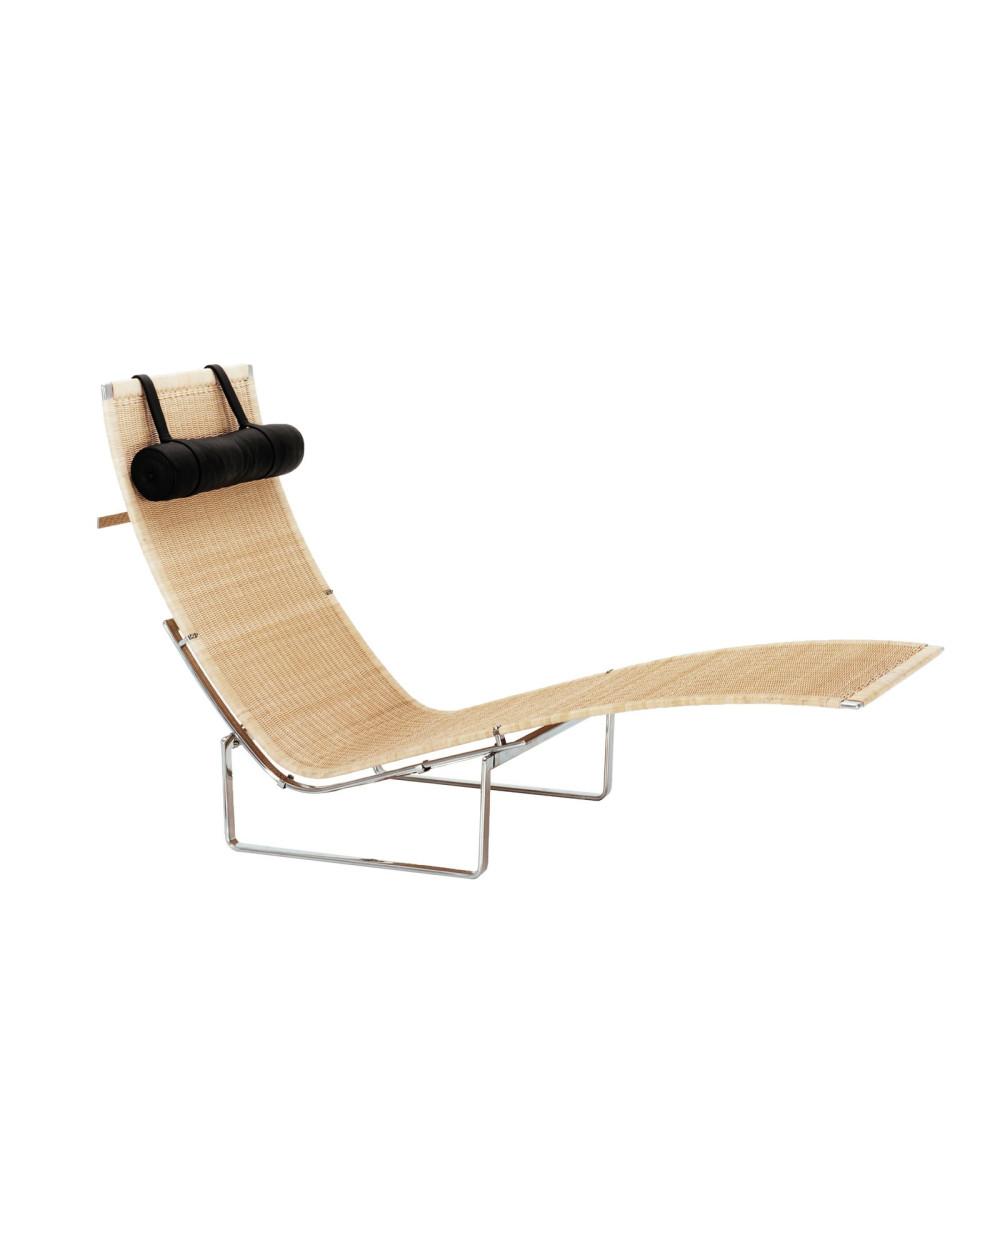 PK24 long chair, Poul Kjaerholm